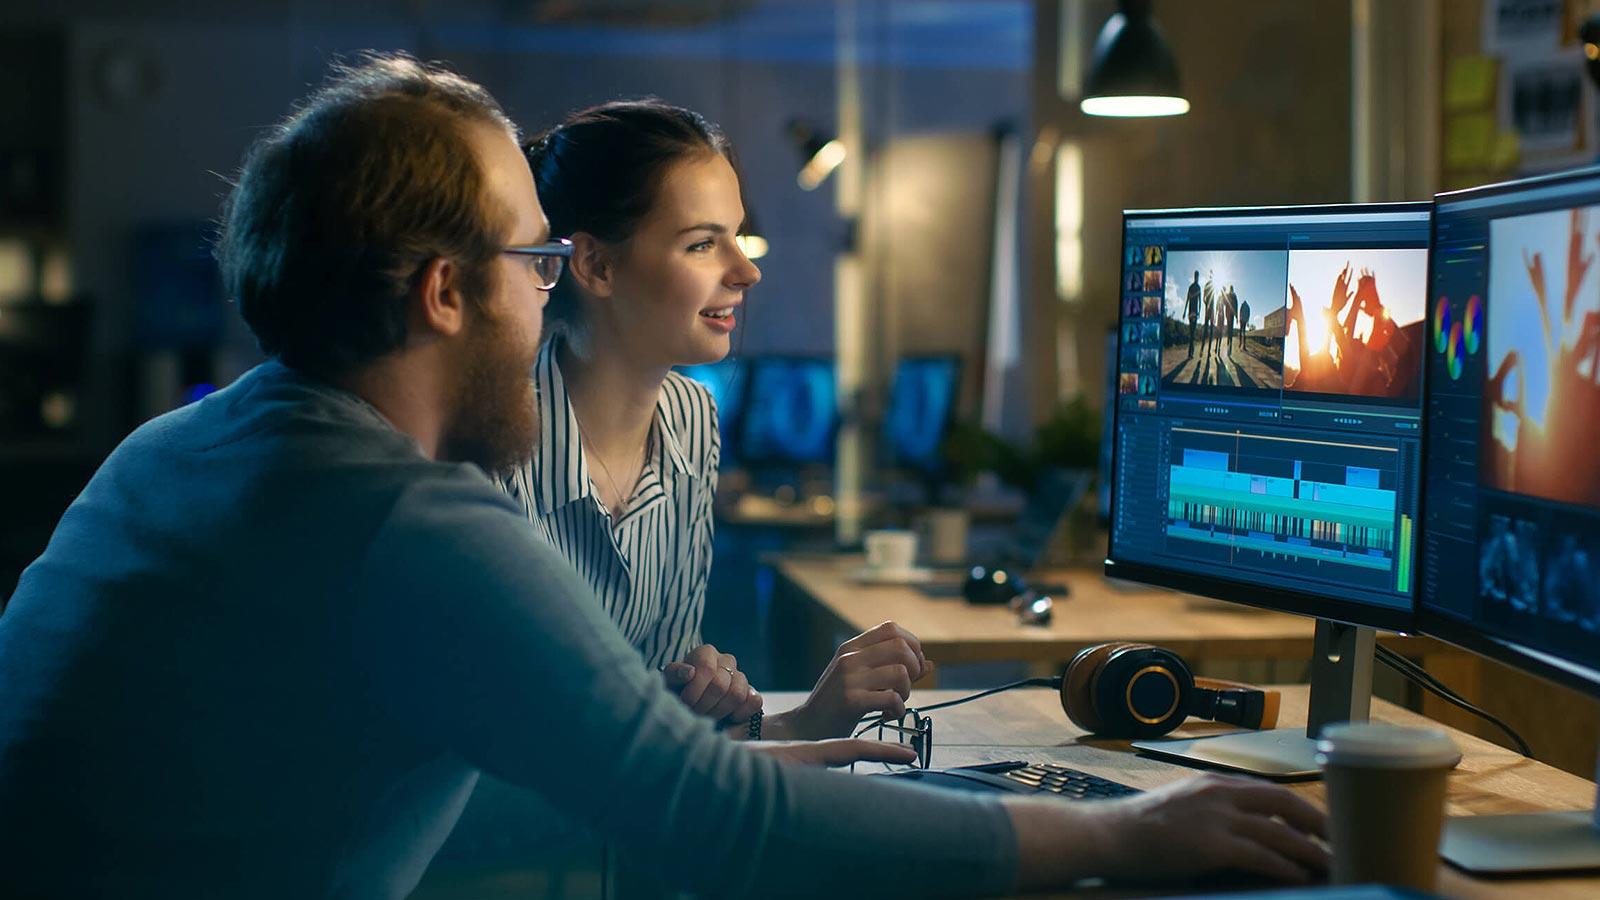 como uma produtora de video apoia sua estrategia de marketing 1 dumela filmes - Como uma produtora de vídeo apoia sua estratégia de marketing?